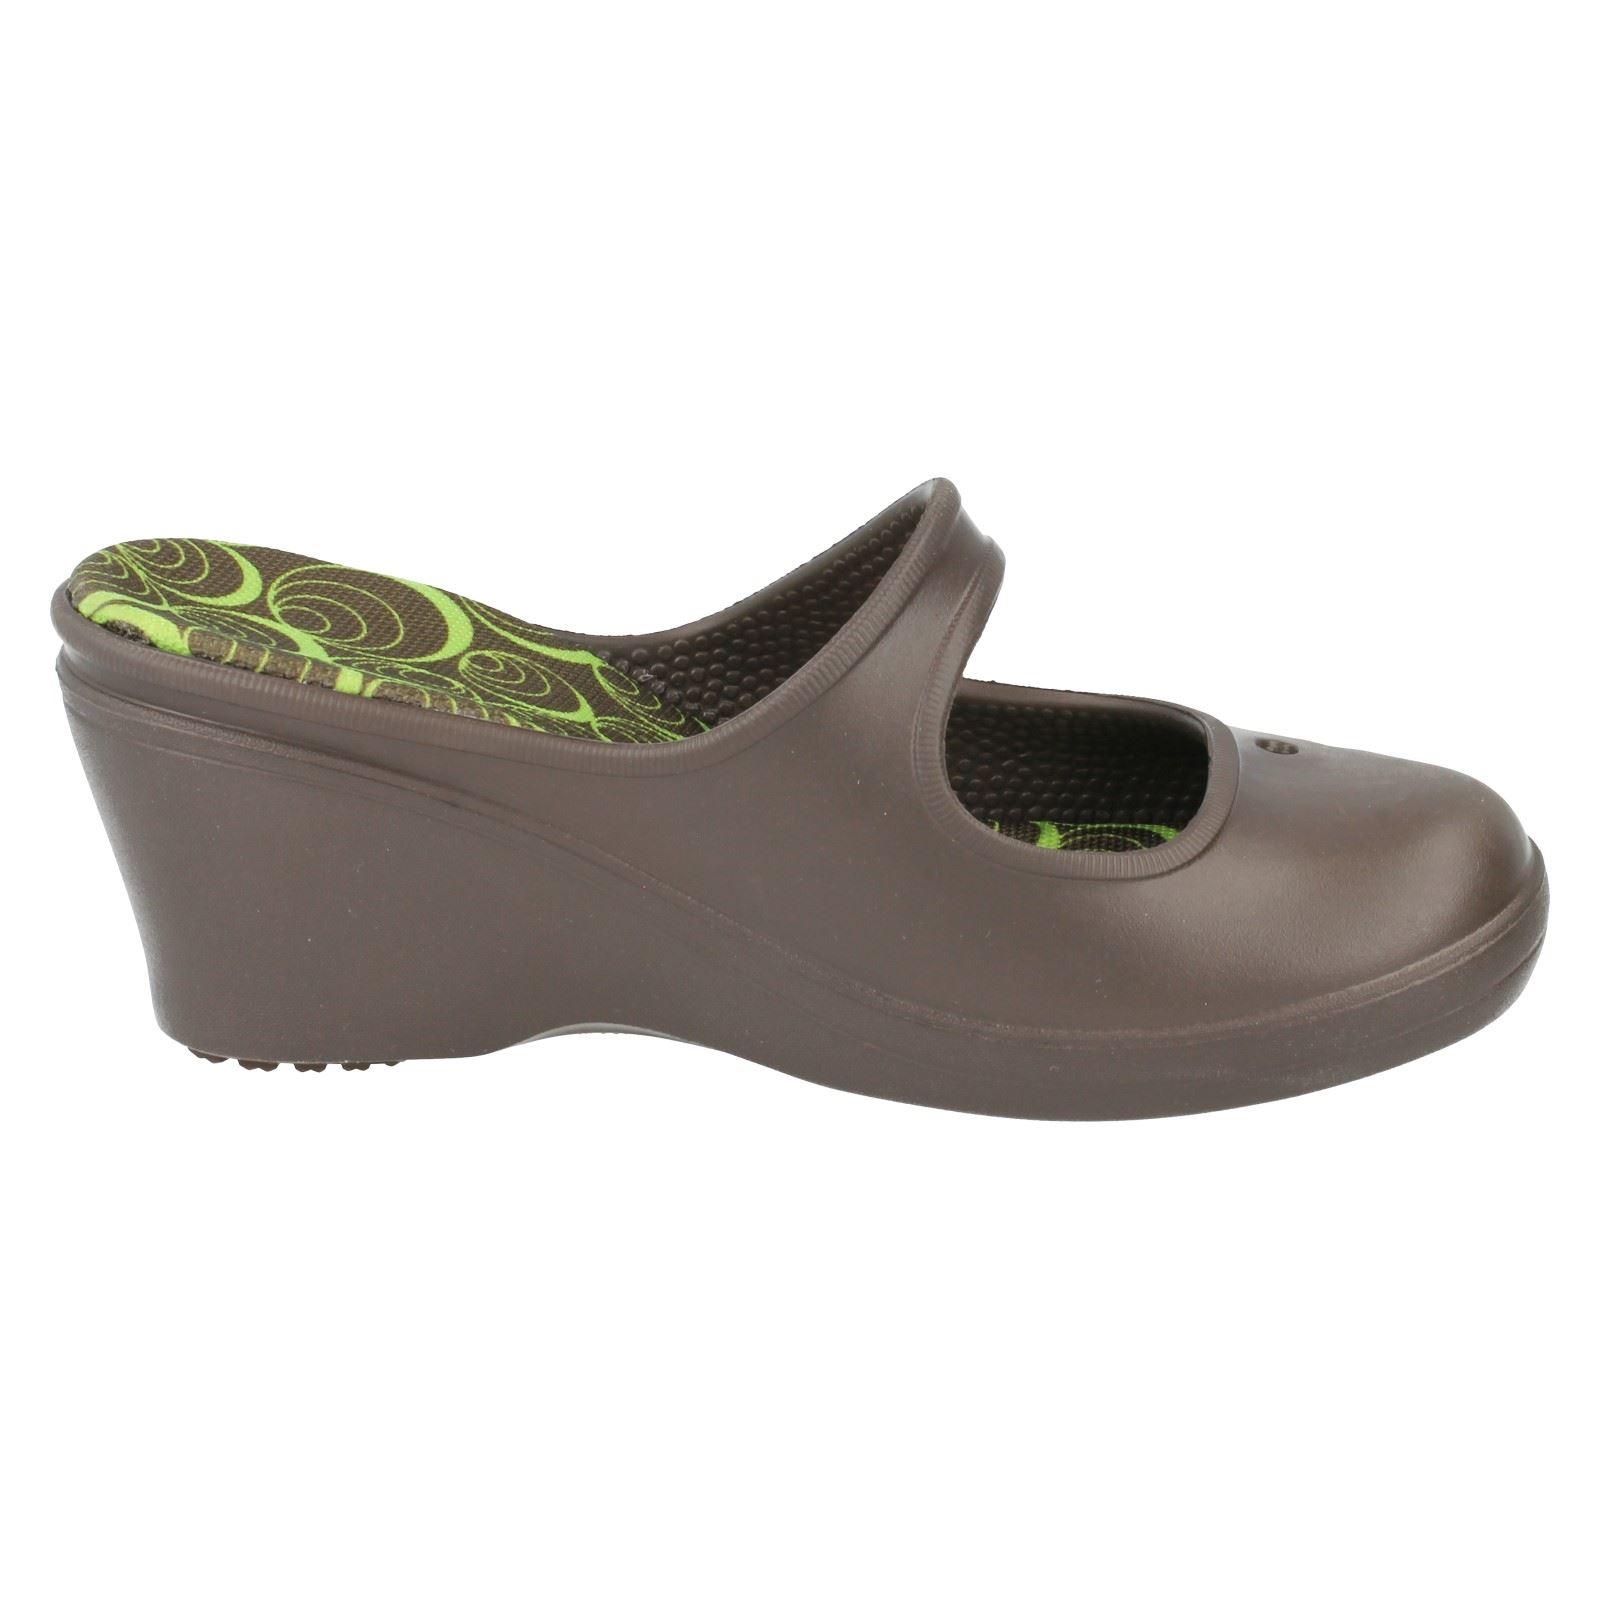 damen crocs gummi absatz sandalen frances label k ebay. Black Bedroom Furniture Sets. Home Design Ideas